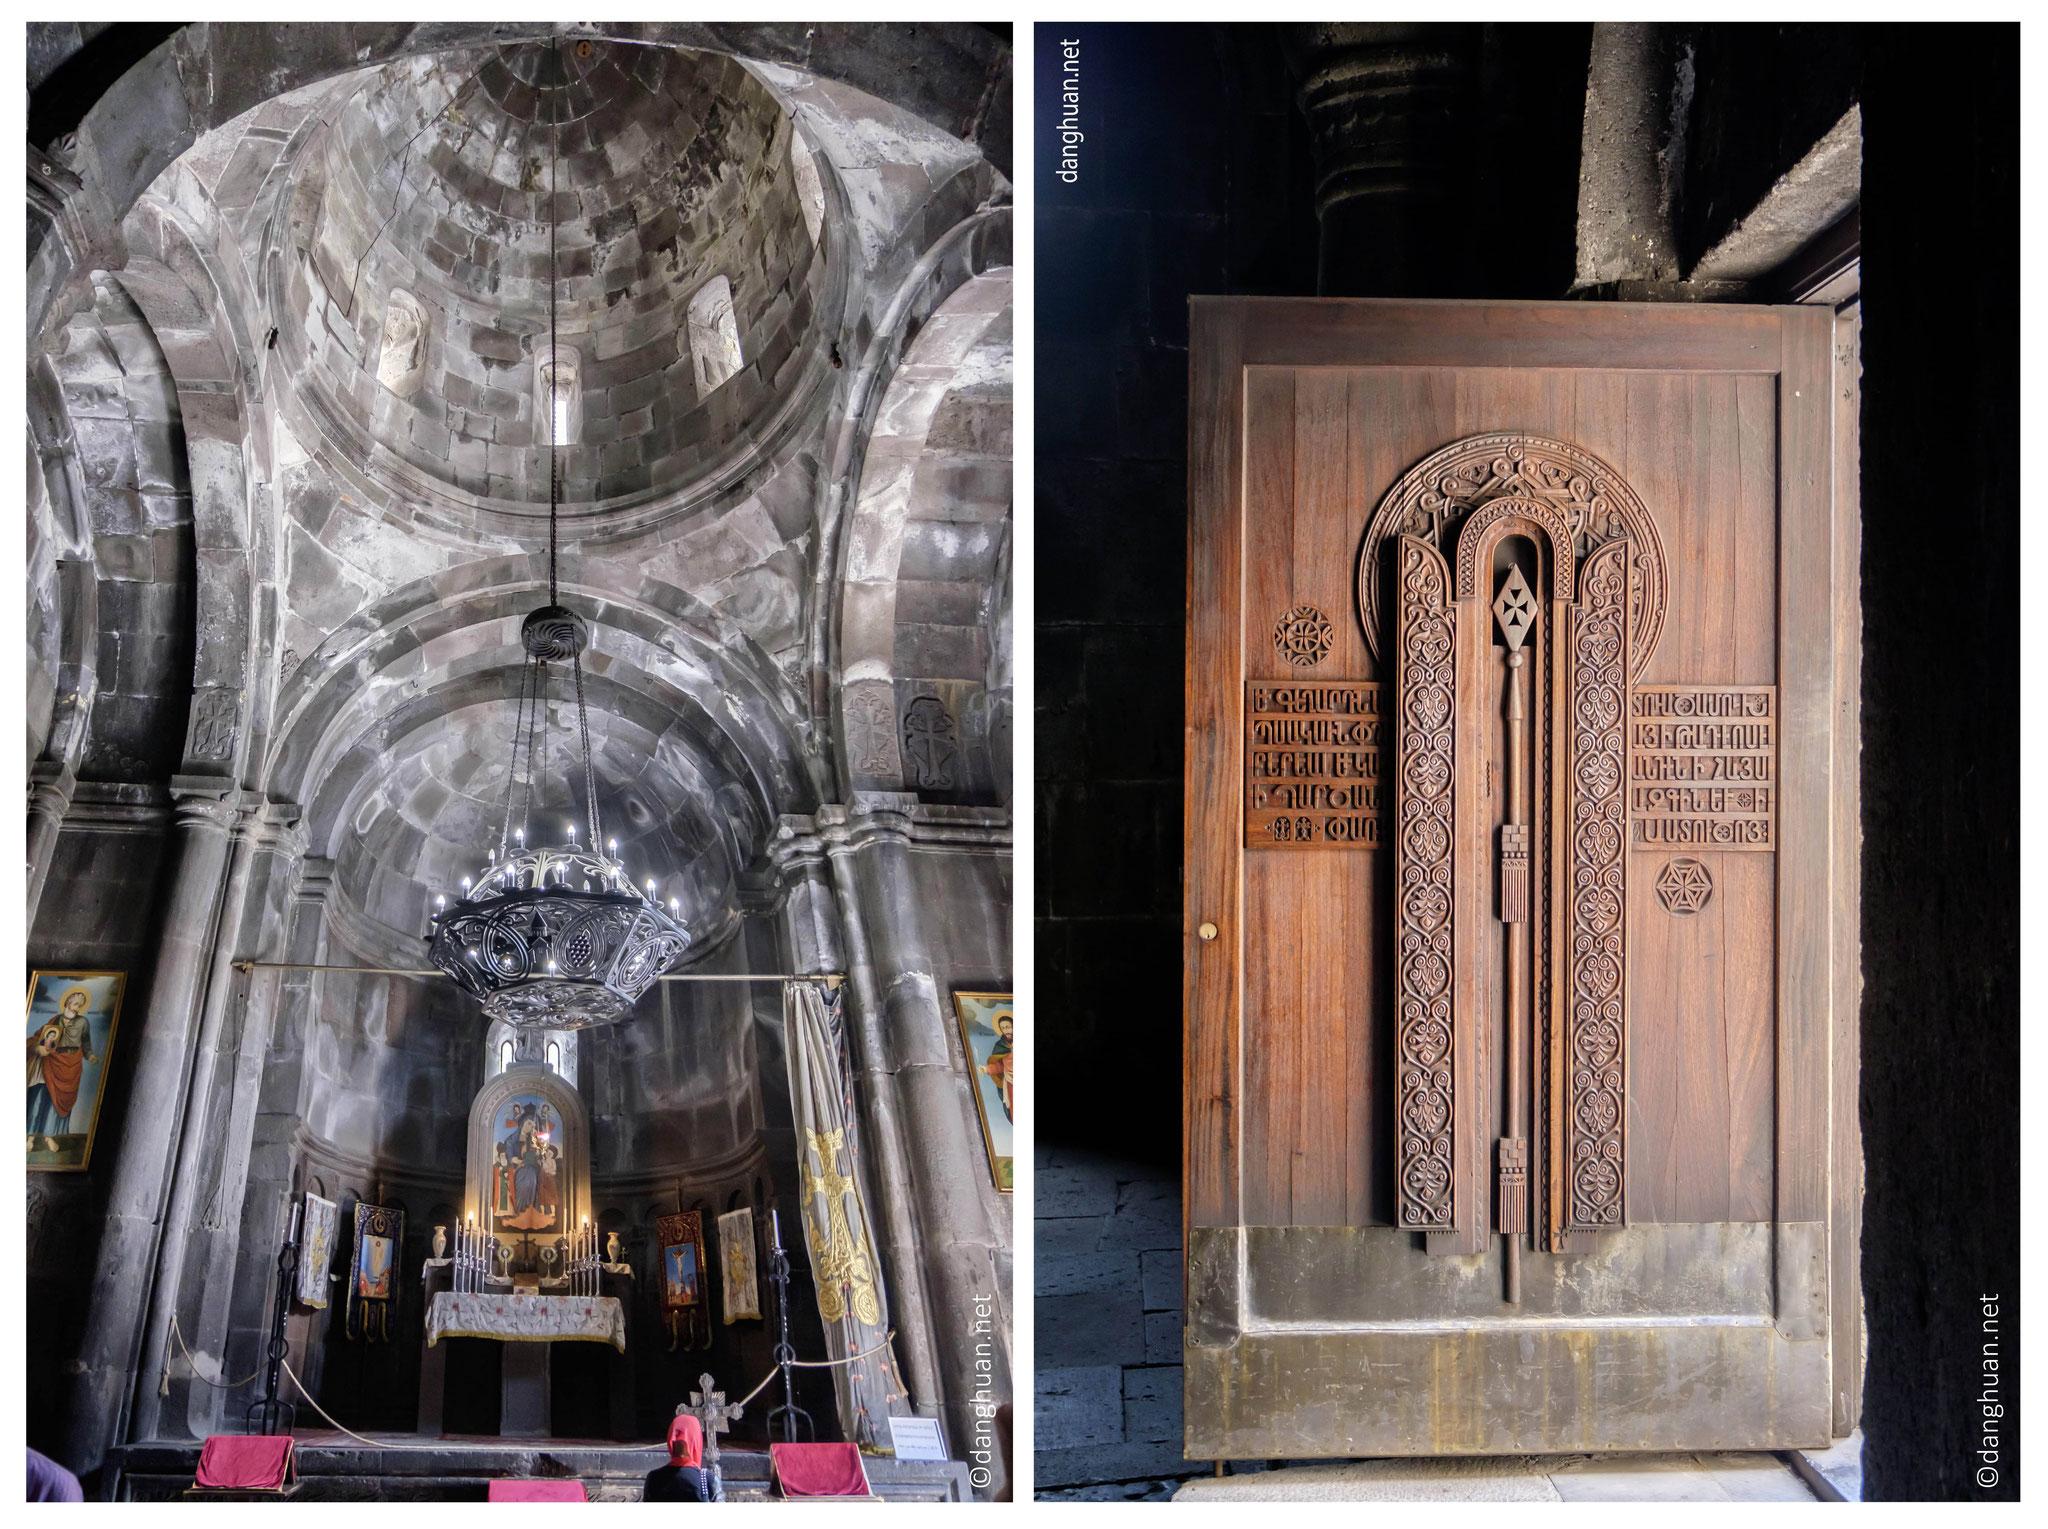 Le monastère fut détruit et pillé lors de l'occupation arabe. La plupart des manuscrits fut détruite. Le monastère fut reconstruit et encerclé par des fortifications, qui existent encore aujourd'hui